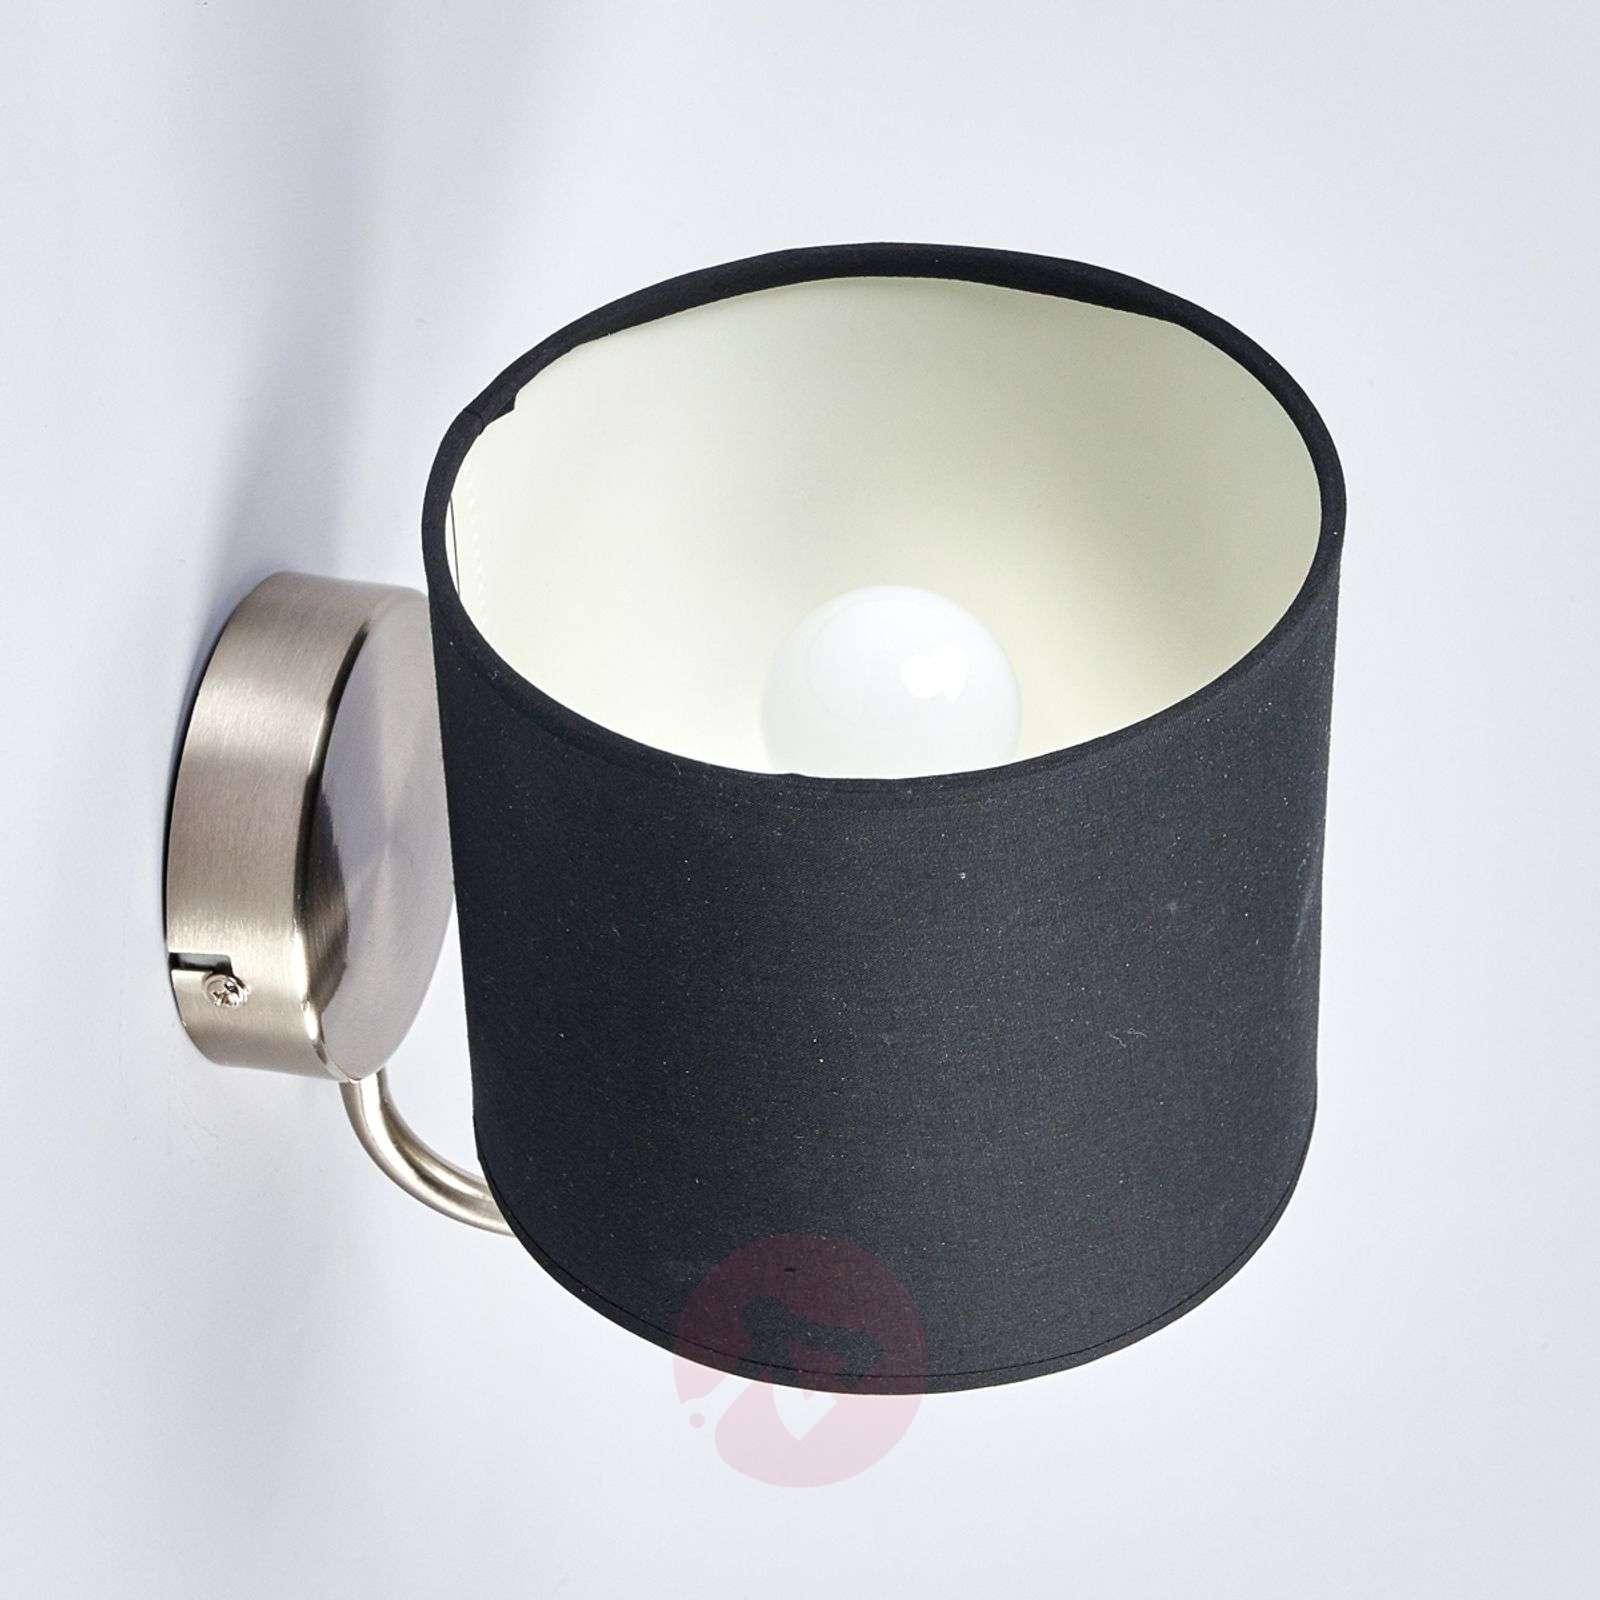 Kangasseinävalaisin Enna E14-LED-lampulla-9970092-01